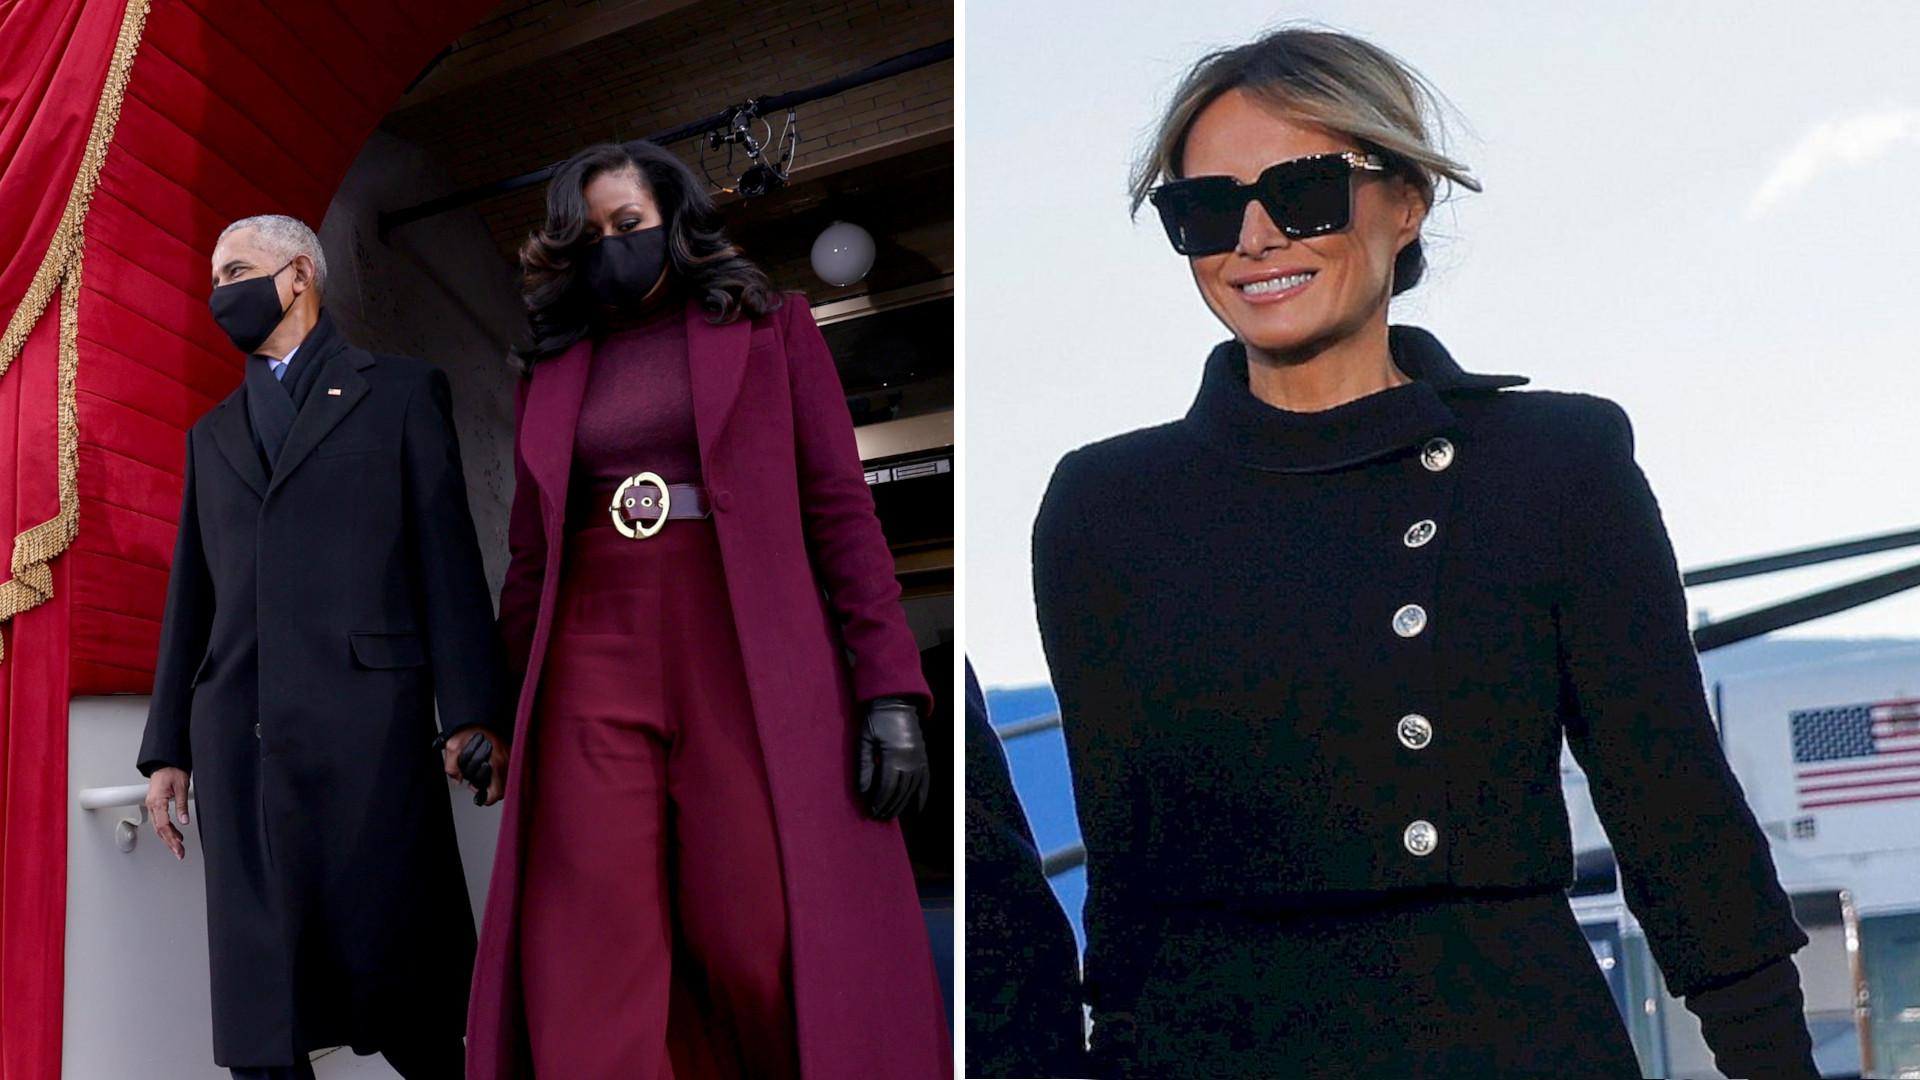 Amerykański Vogue zachwyca się stylizacją Michelle Obamy. Wbija szpilę Melanii Trump?